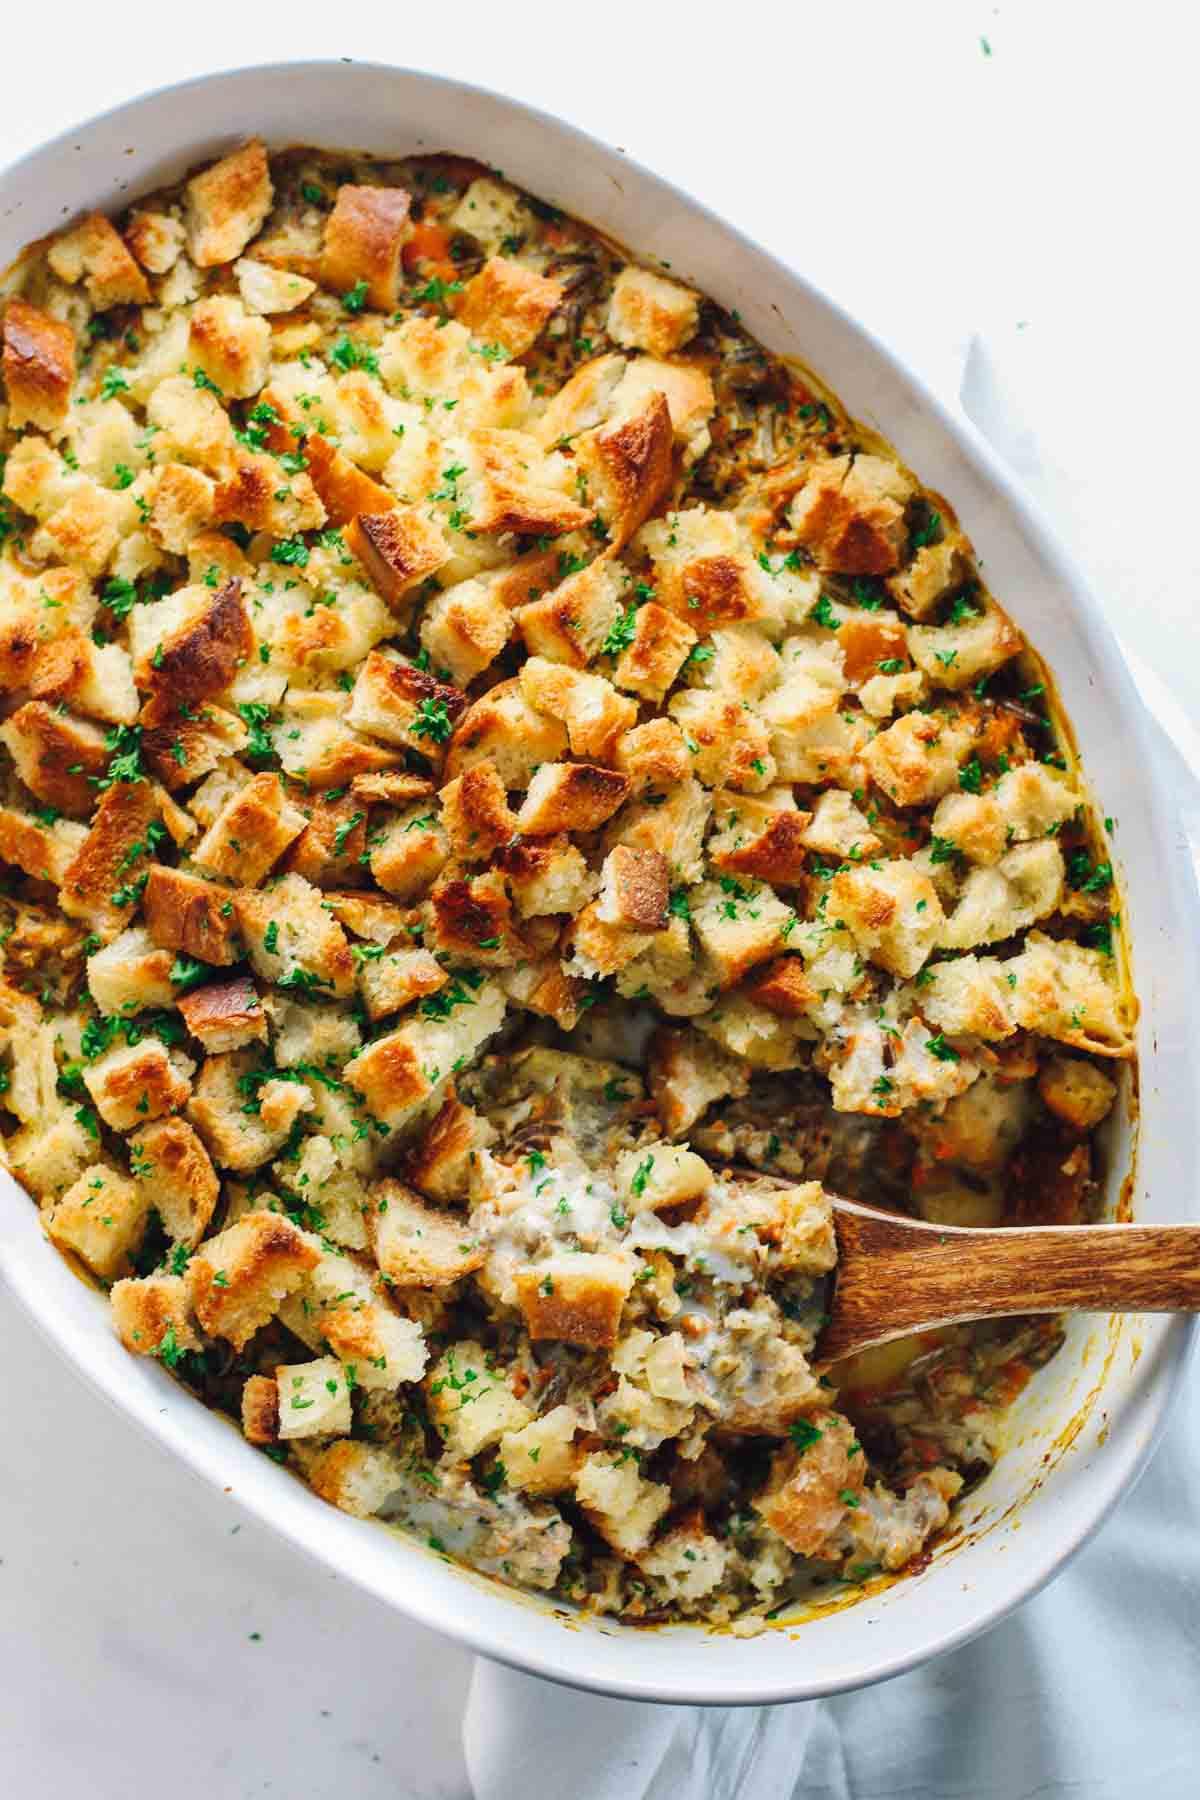 Healthy Chicken And Wild Rice Casserole  Chicken Wild Rice Casserole Pinch of Yum